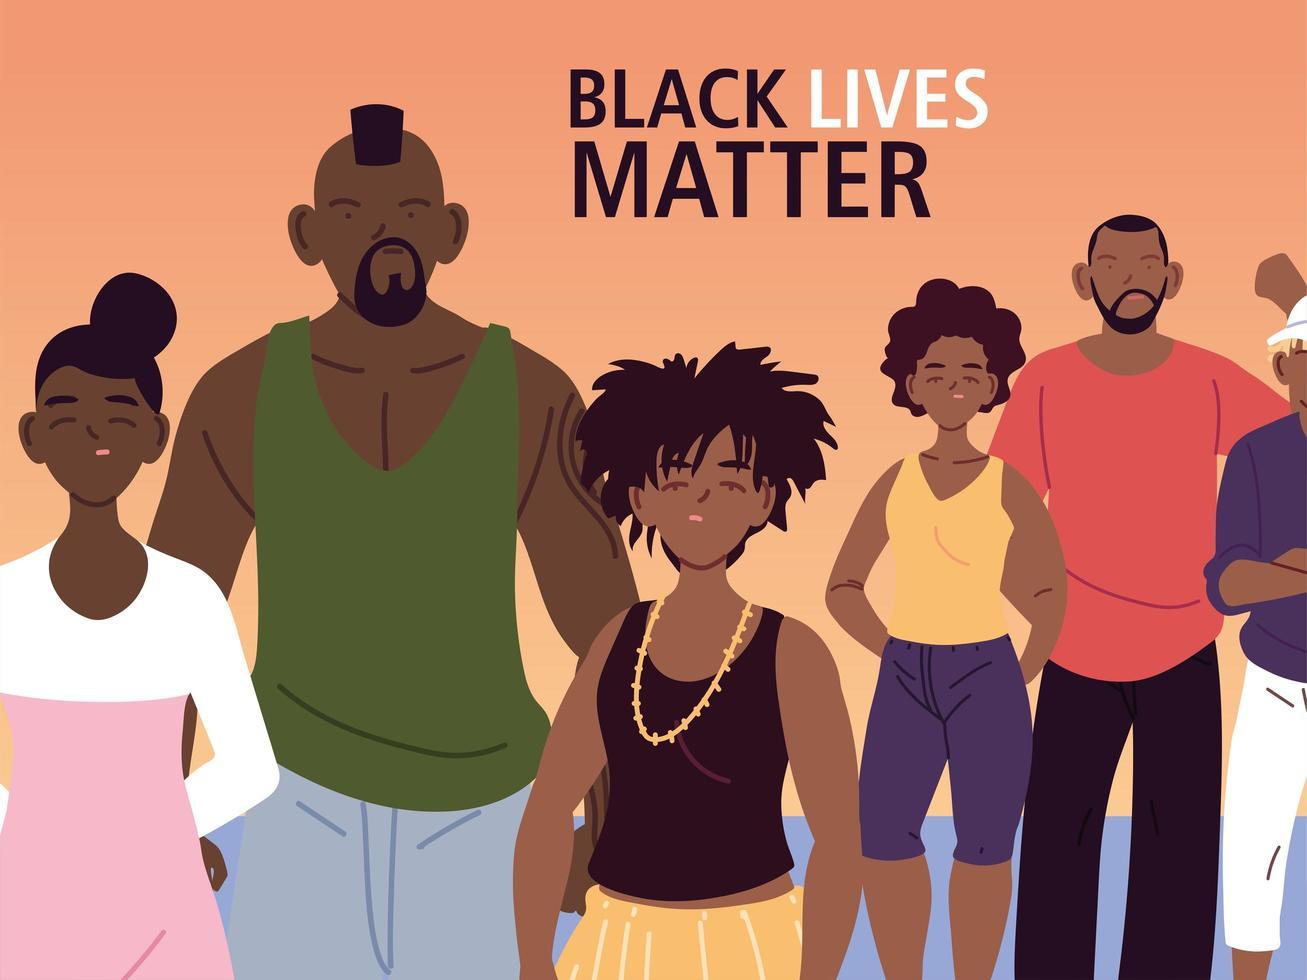 vidas negras são importantes para as famílias vetor